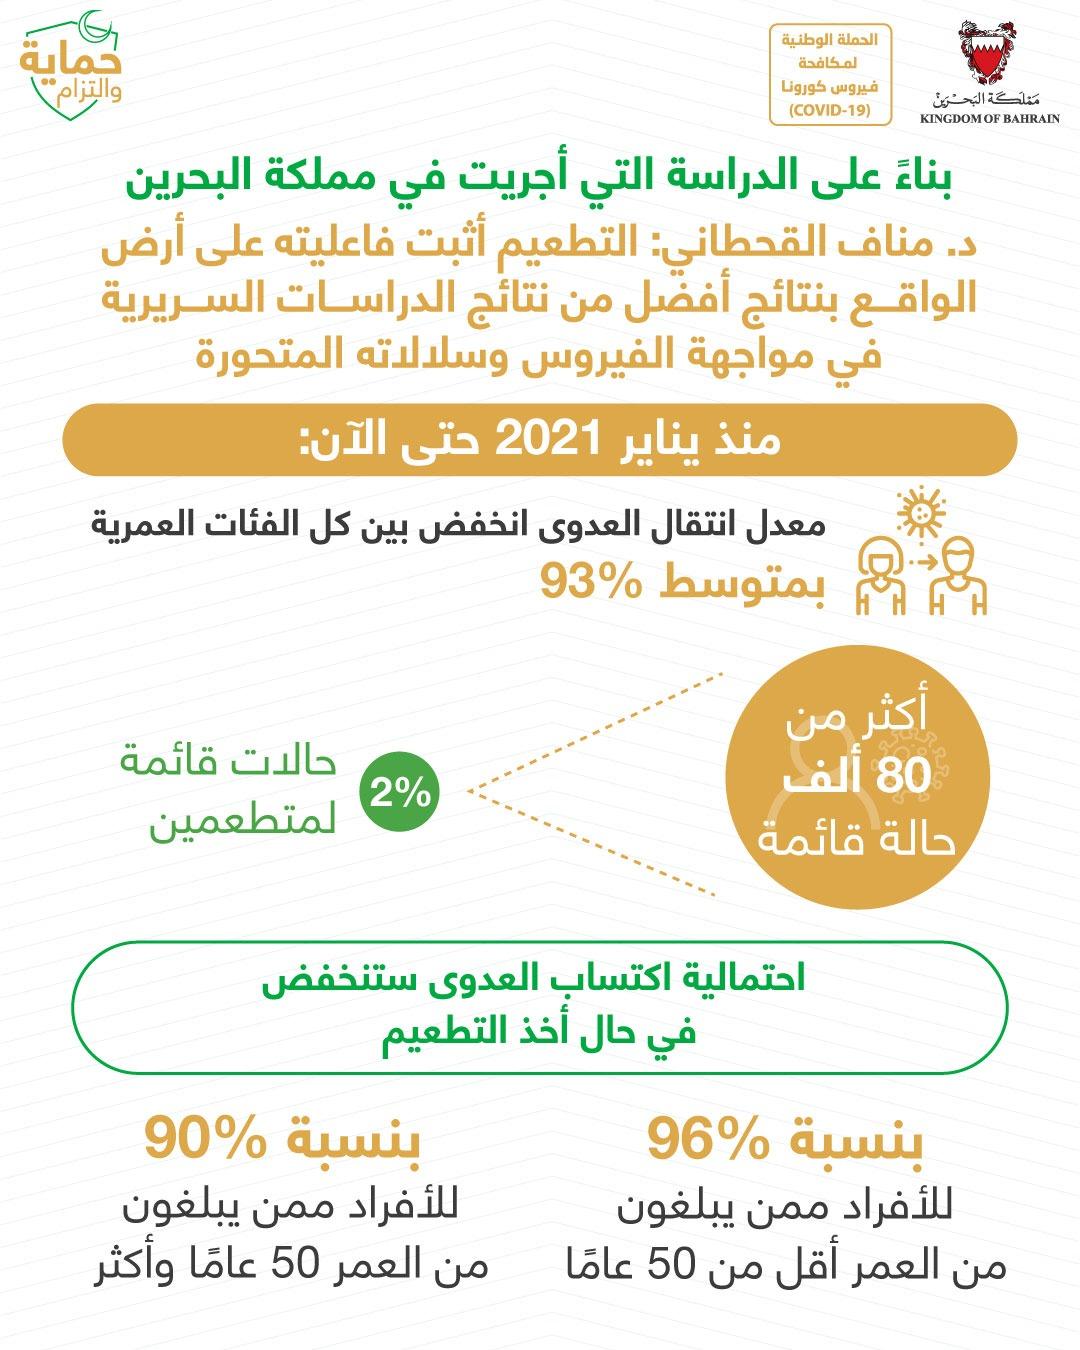 القحطاني: 2% فقط نسبة الحالات القائمة للمتطعمين بين أكثر من 80 ألف حالة قائمة في البحرين منذ يناير 2021